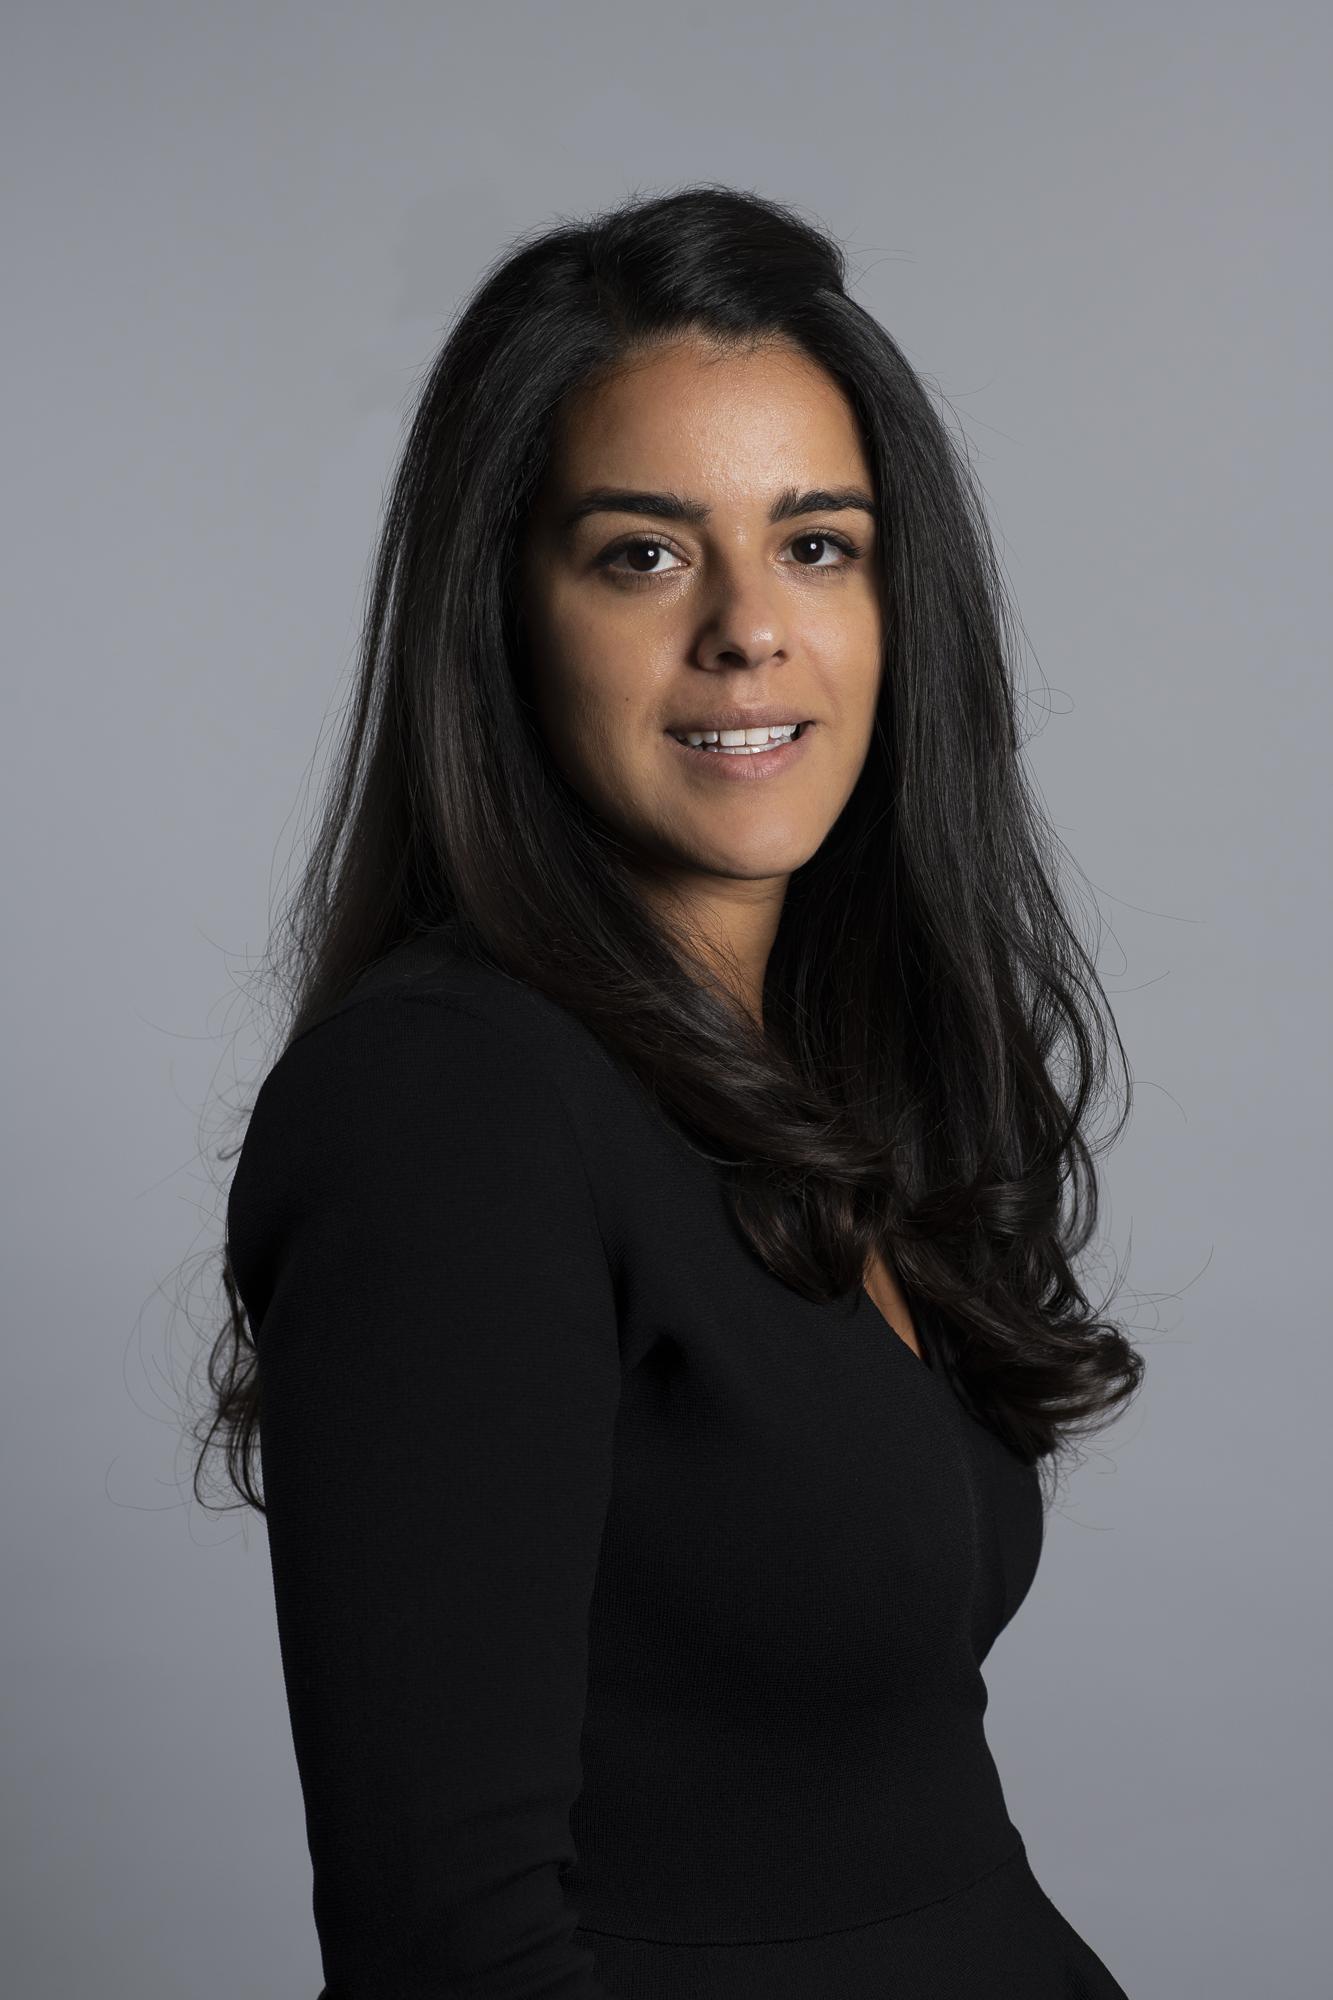 Mayan Bouskila